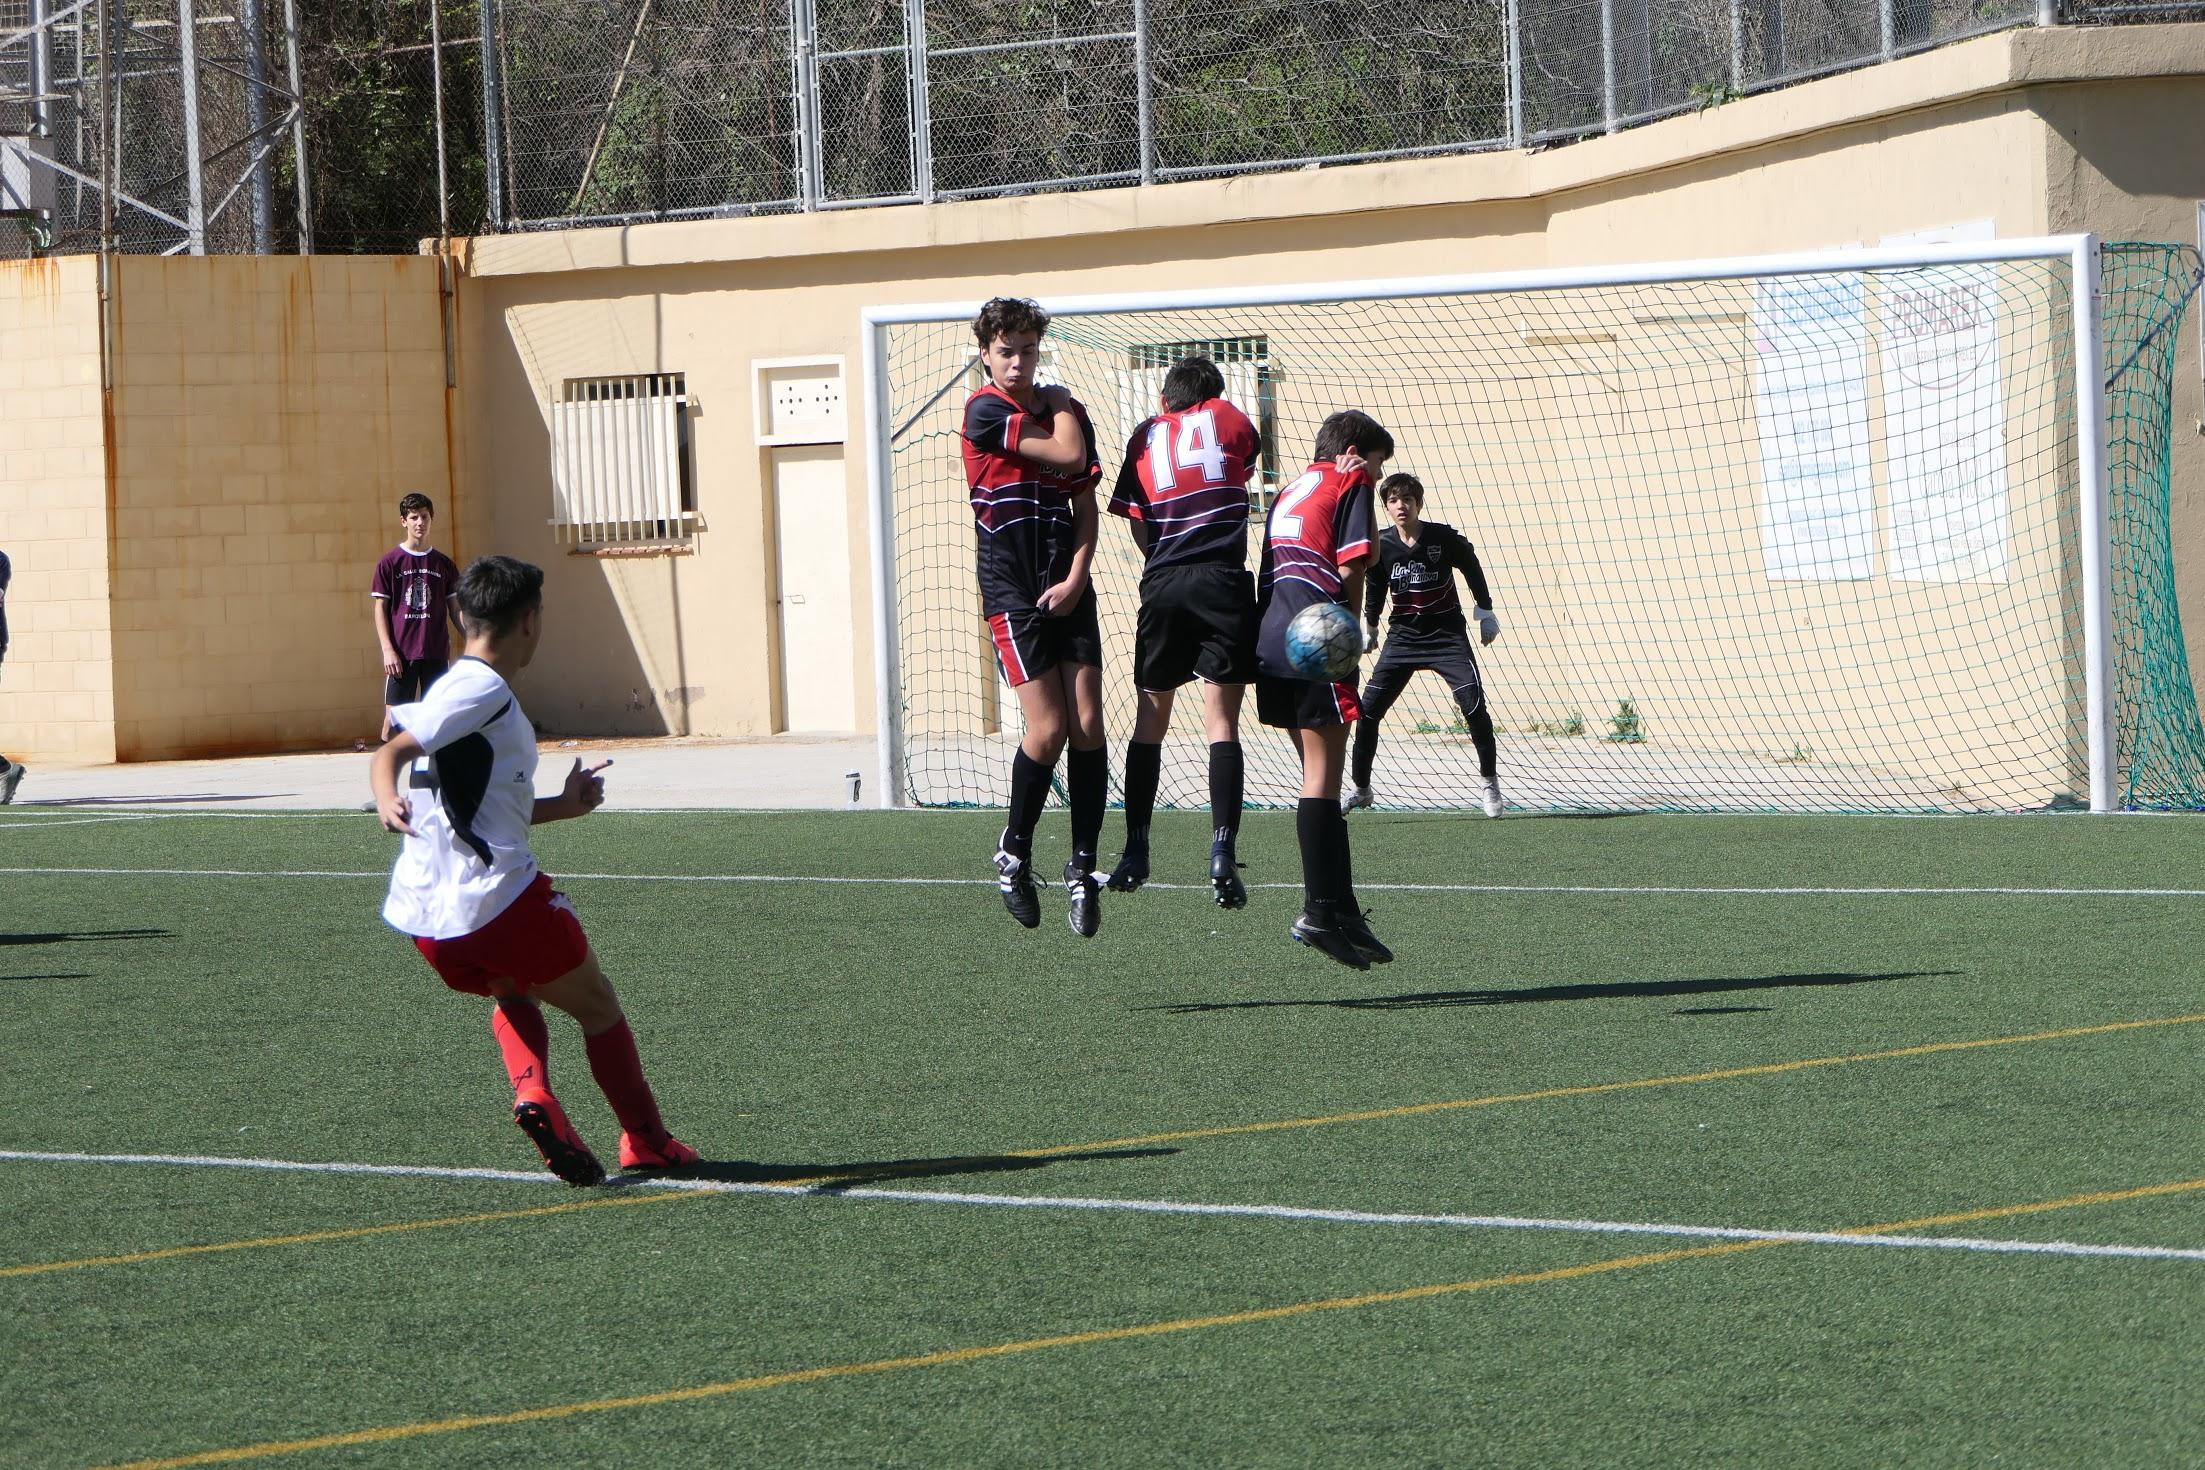 El CADET A Cedeix El Primer Empat De La Temporada Davant L'Hospitalense (3-3)